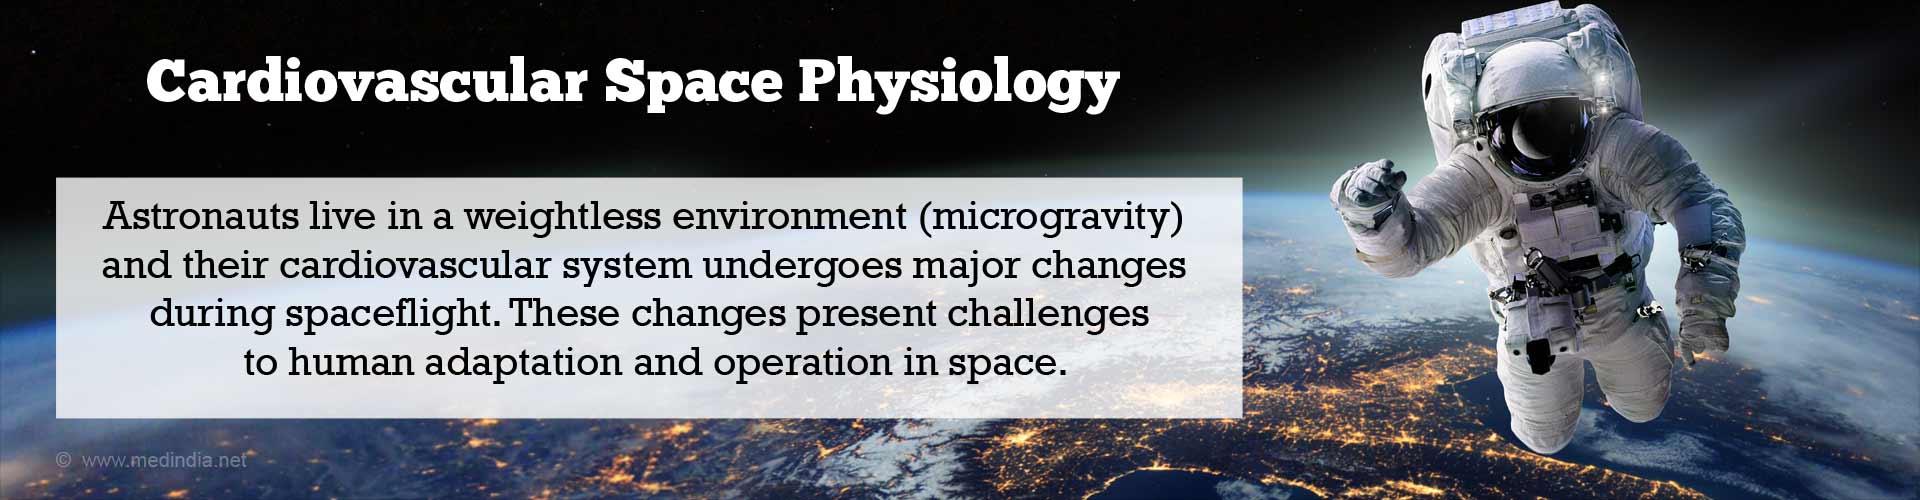 Cardiovascular Space Physiology